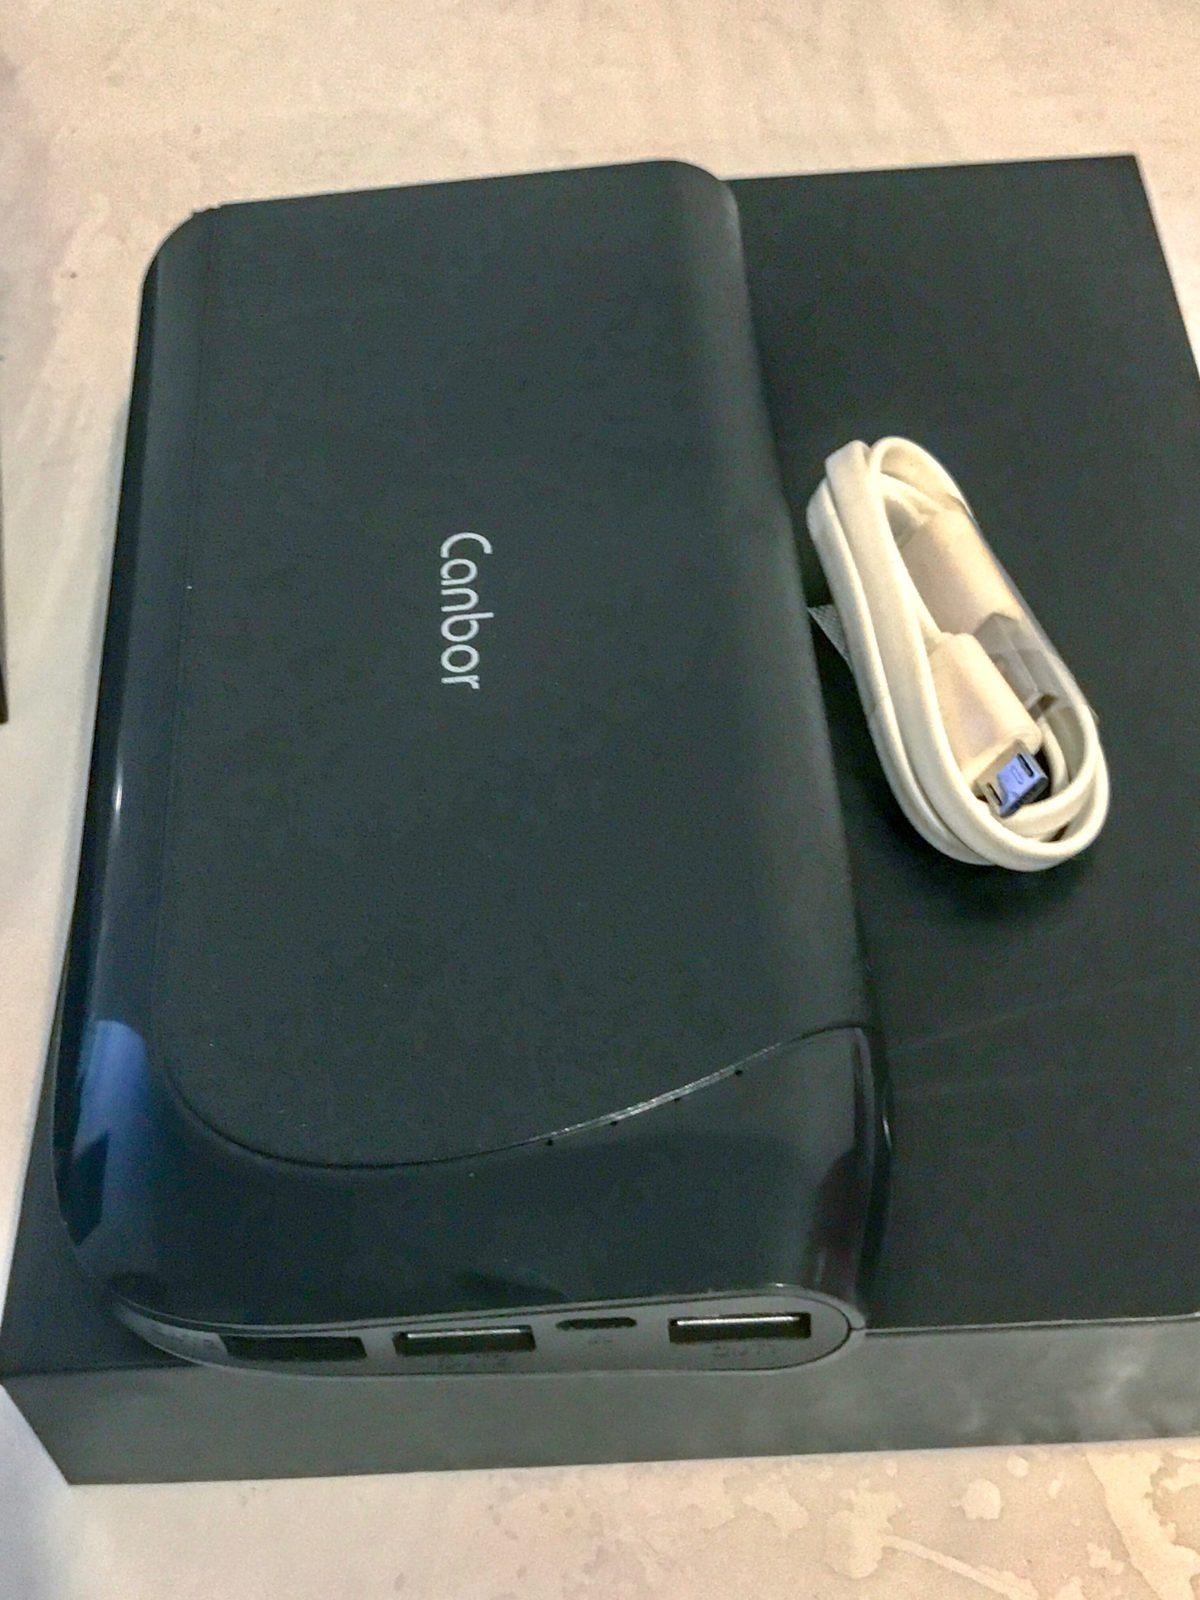 coffret batterie externe avec micro usb